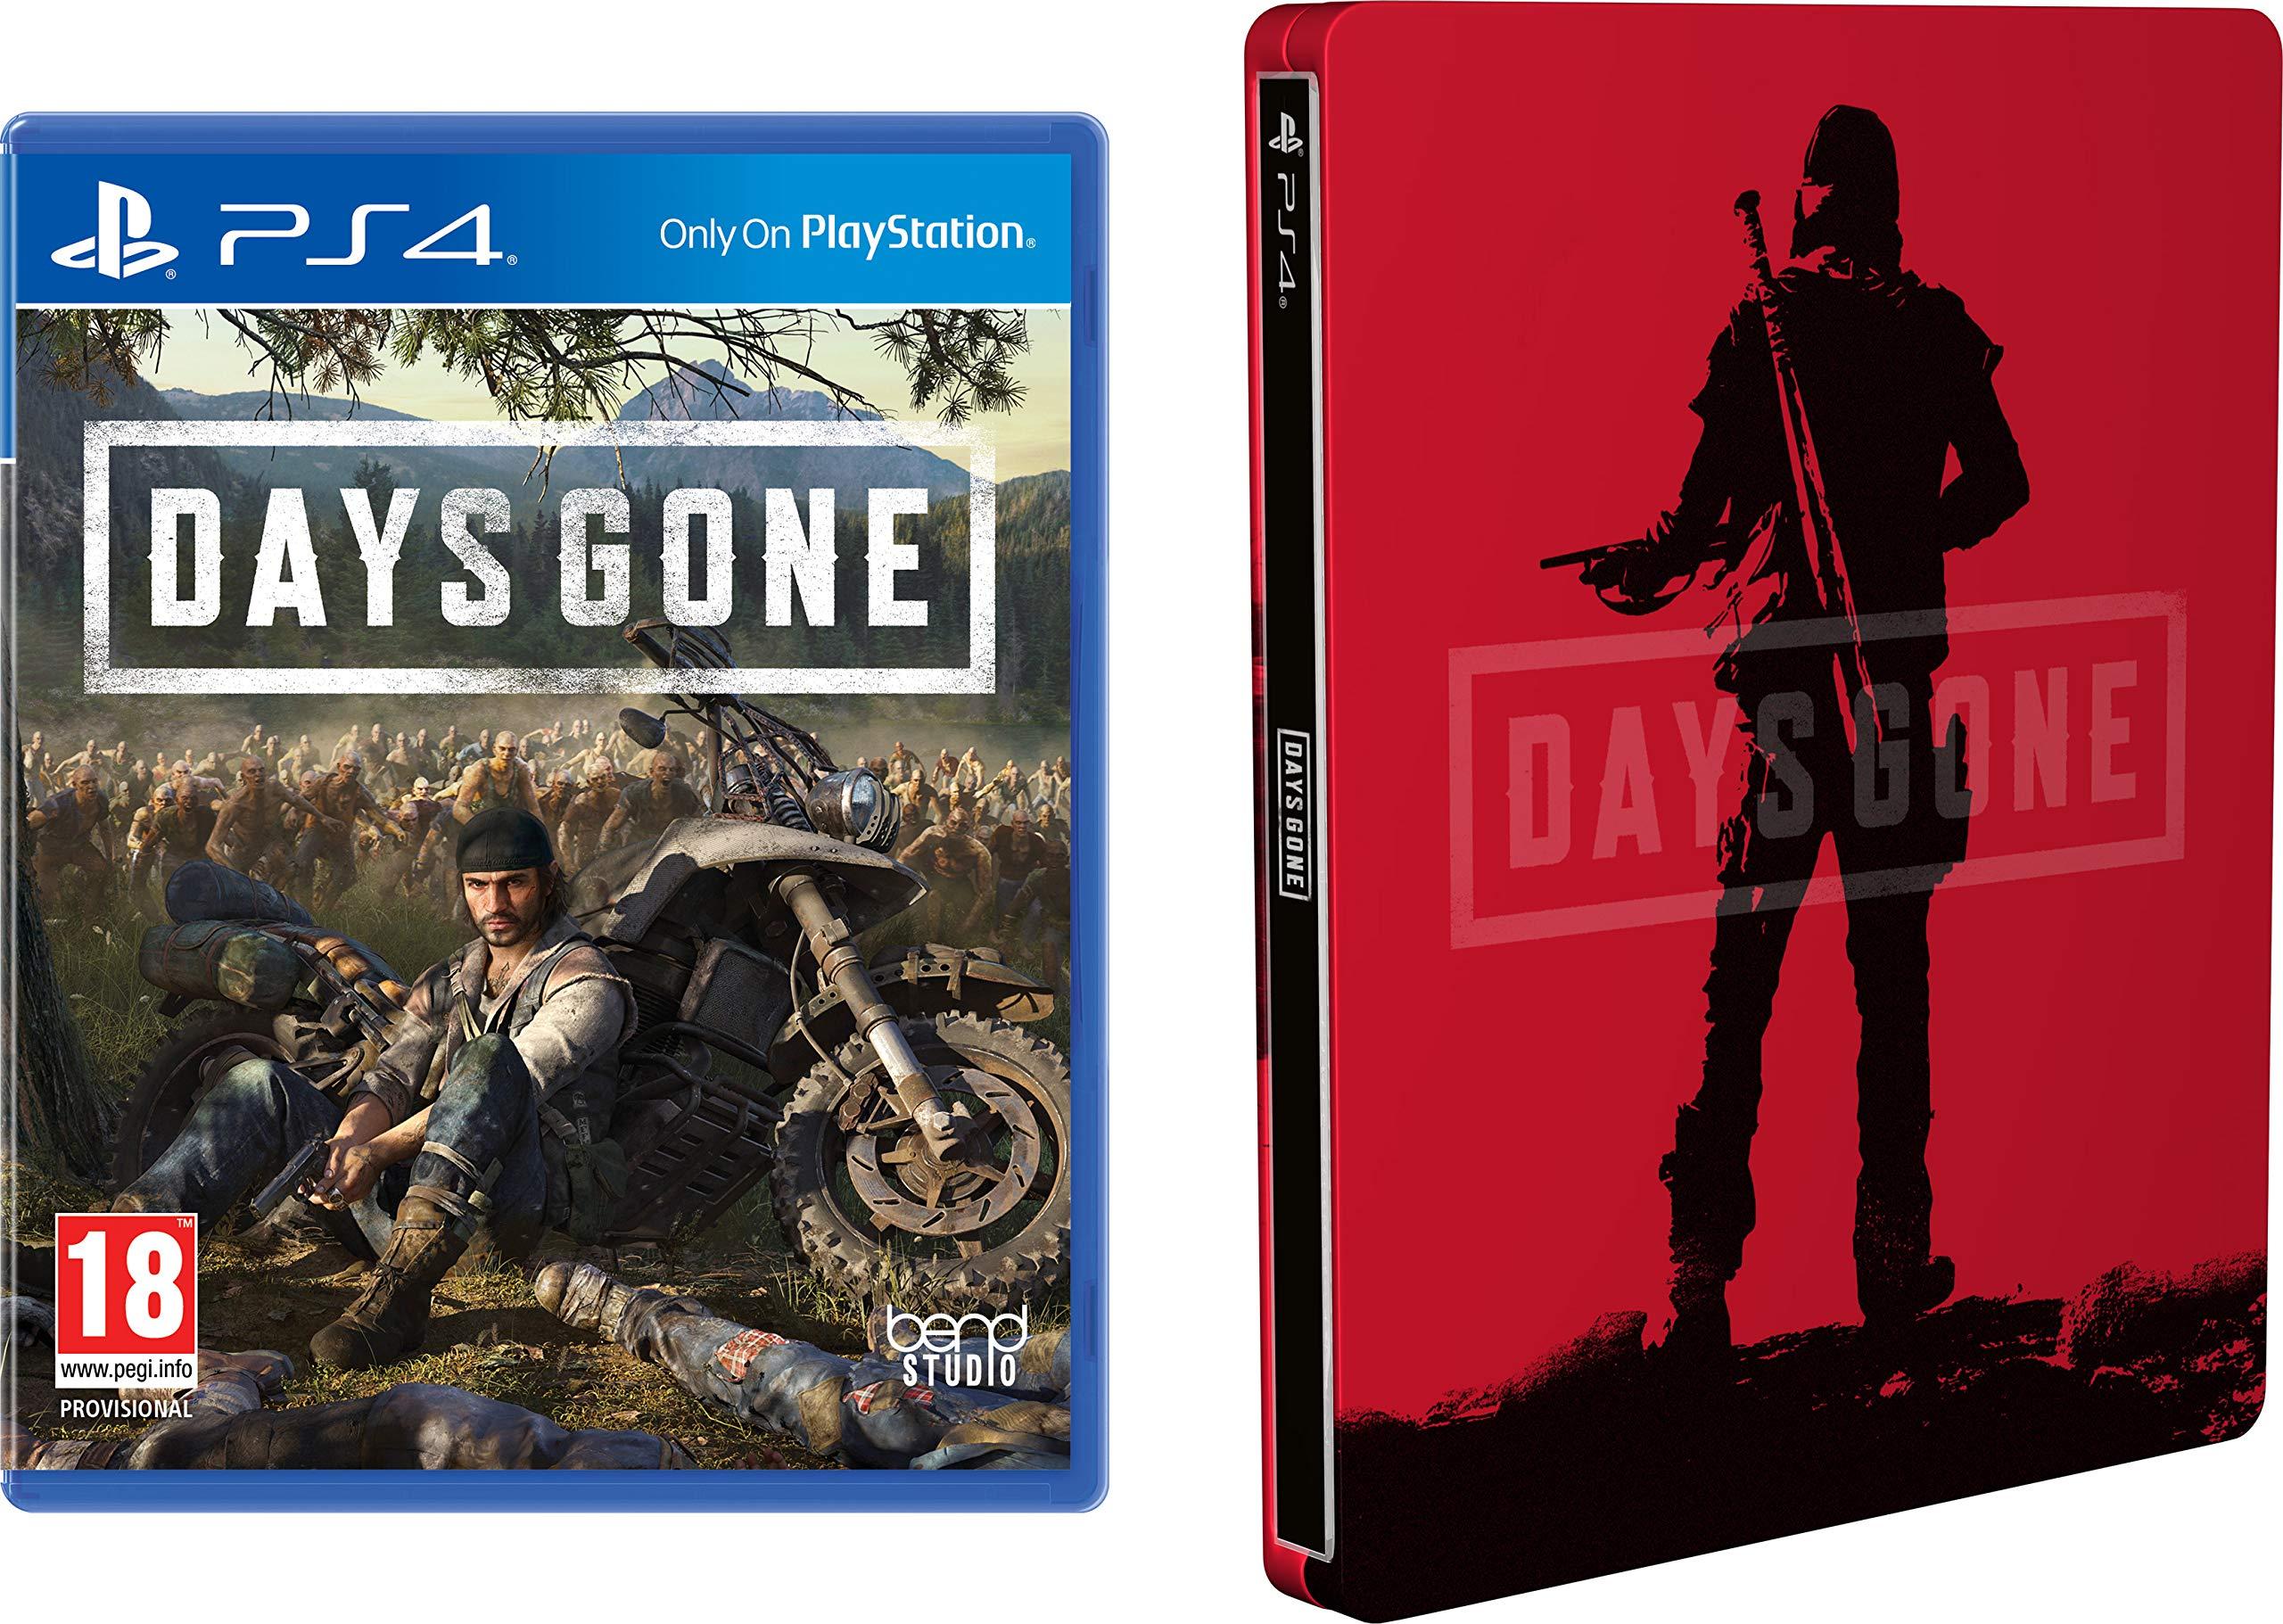 Days Gone + Steelbook para PlayStation 4